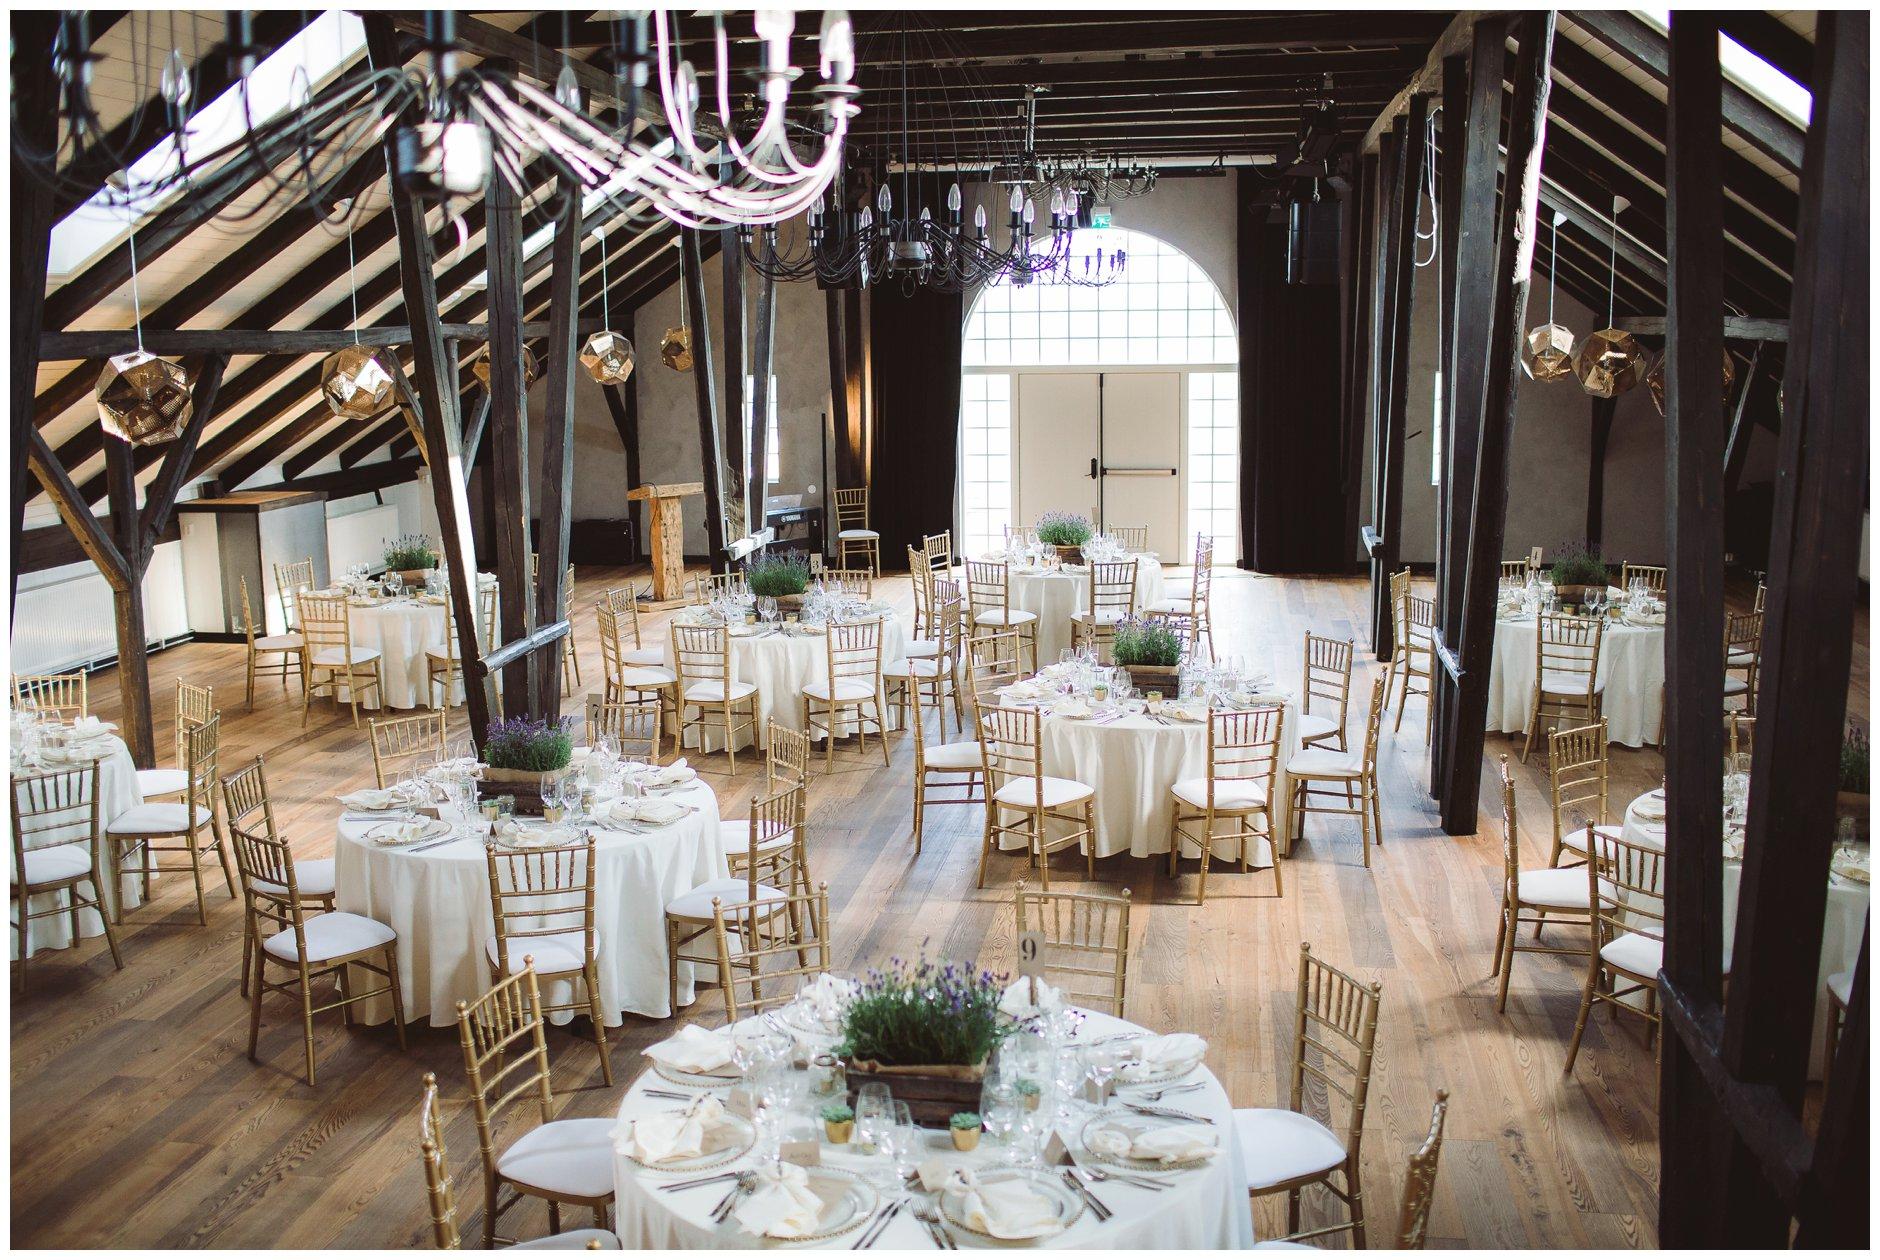 Bryllup på Glenne gård designet av Glennewedding